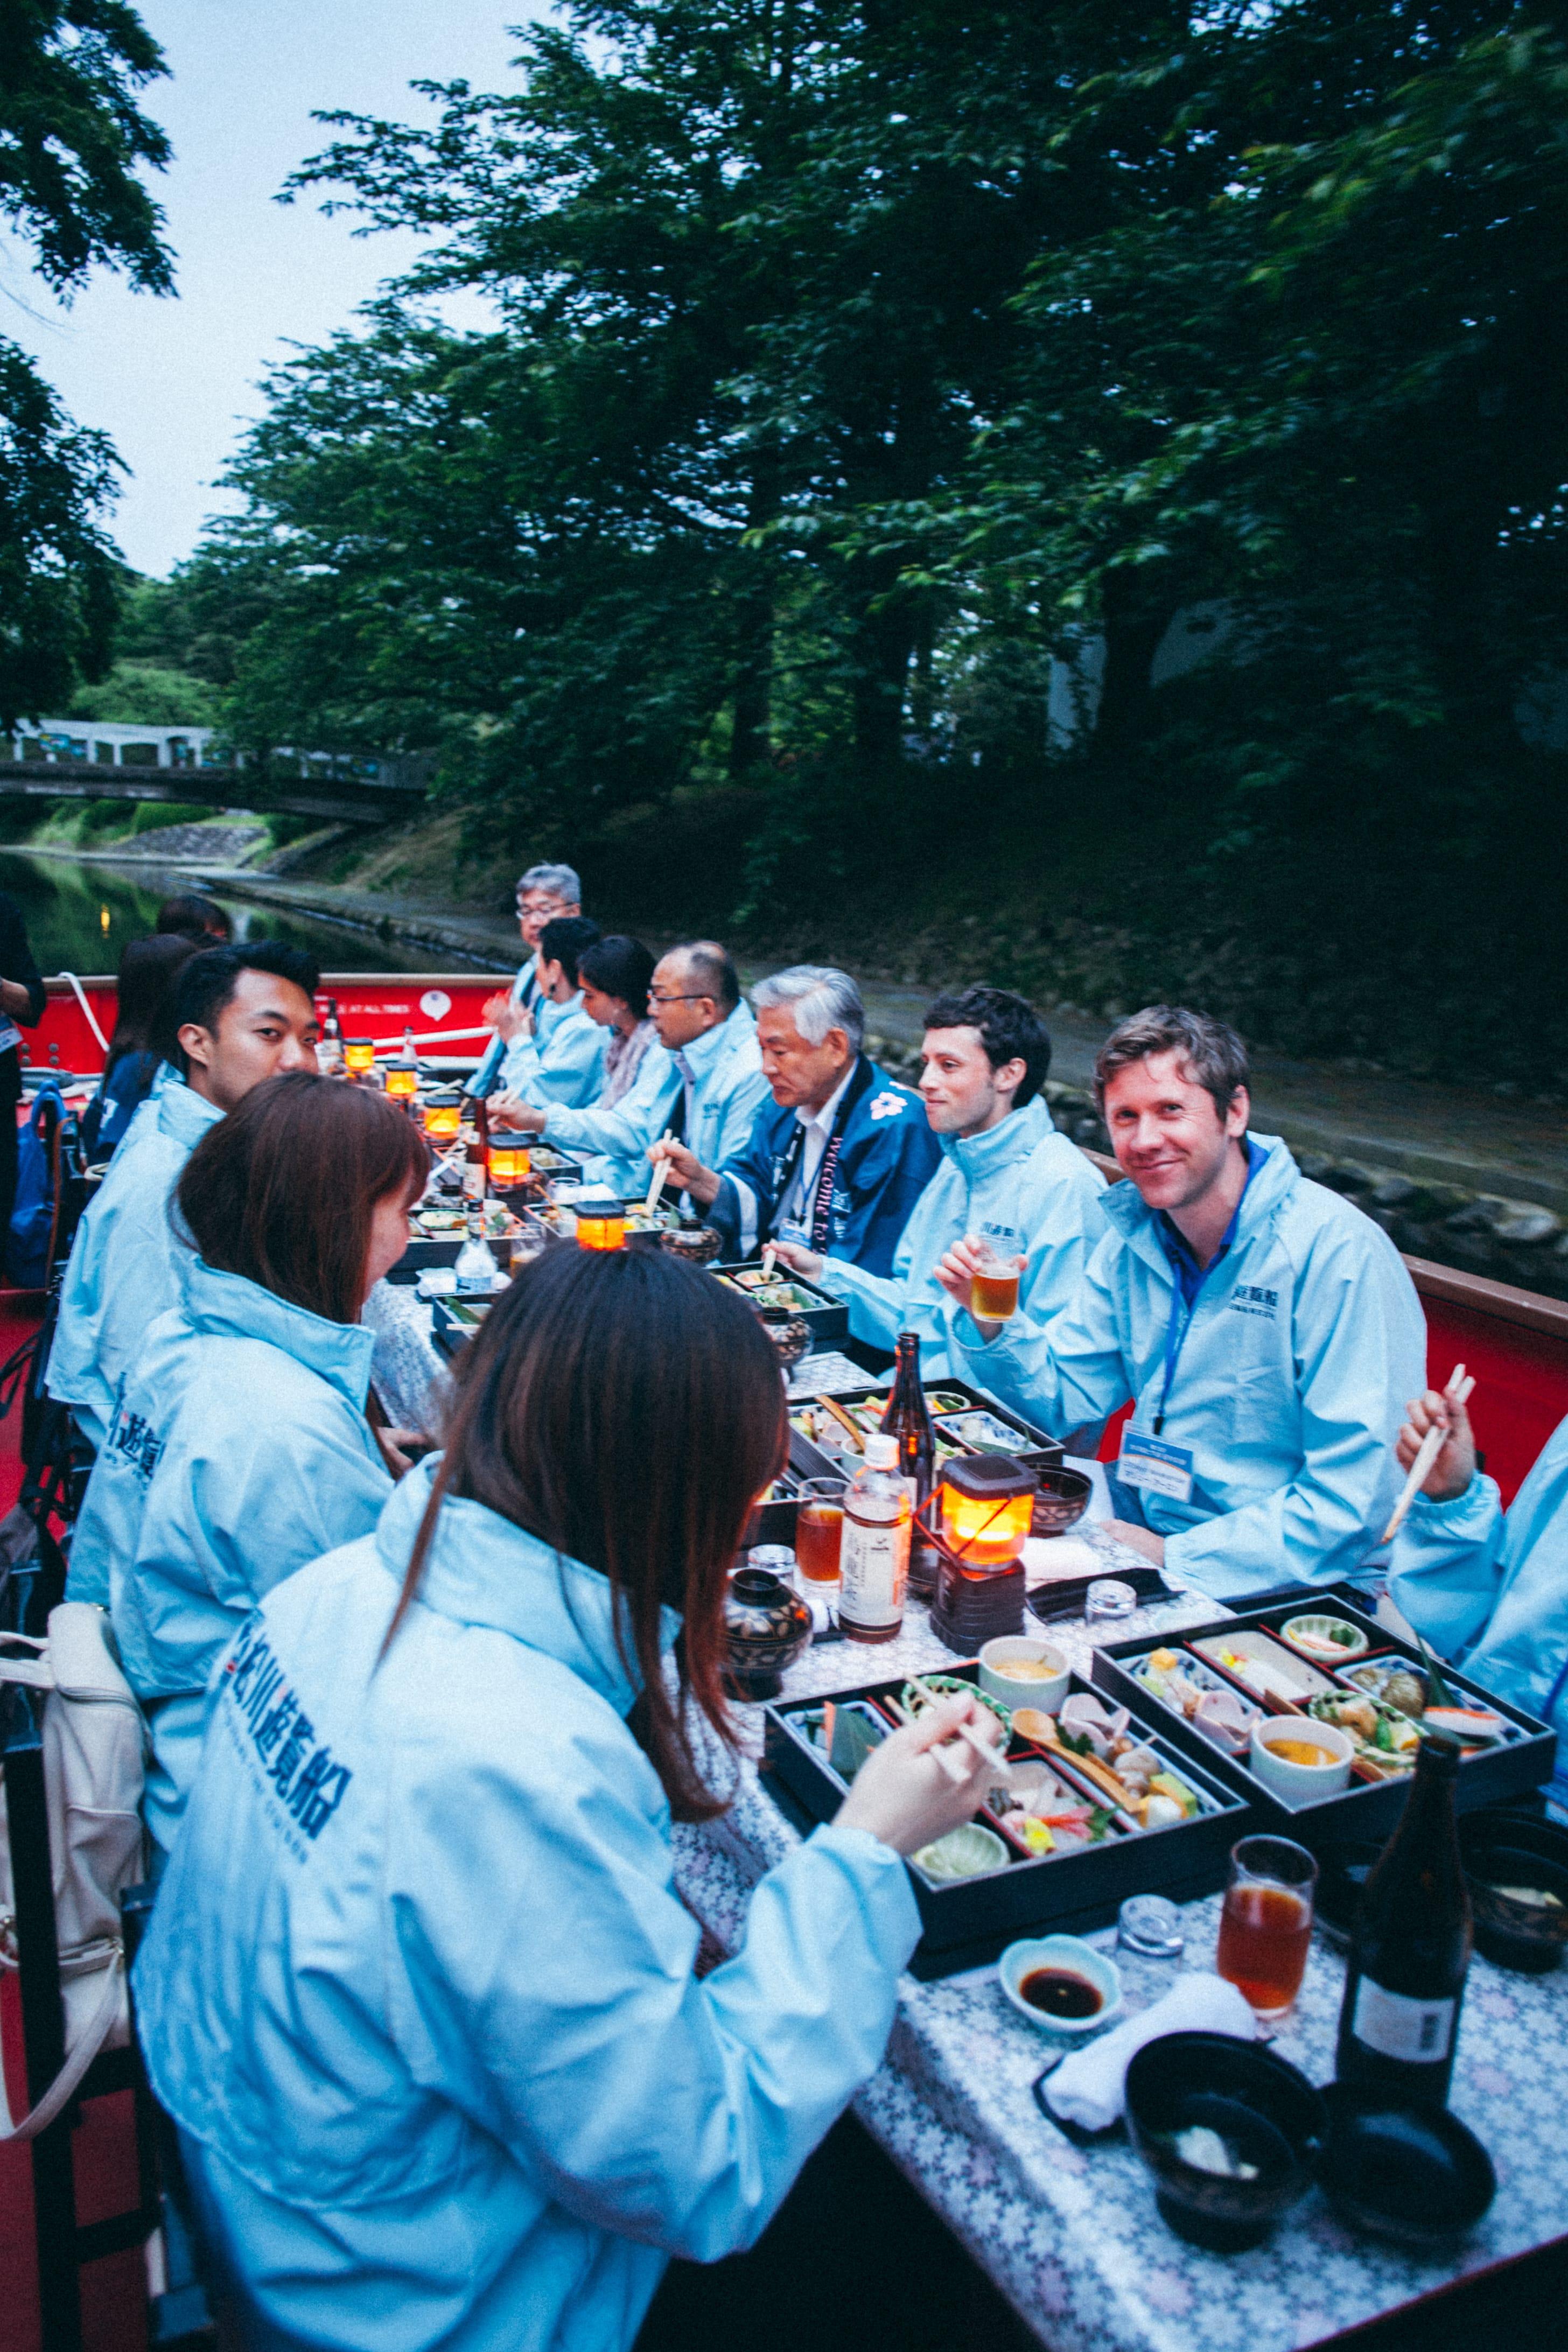 yakatabune-toyama-river-cruise_dinner_Minechika-Endo_kyoto-journal